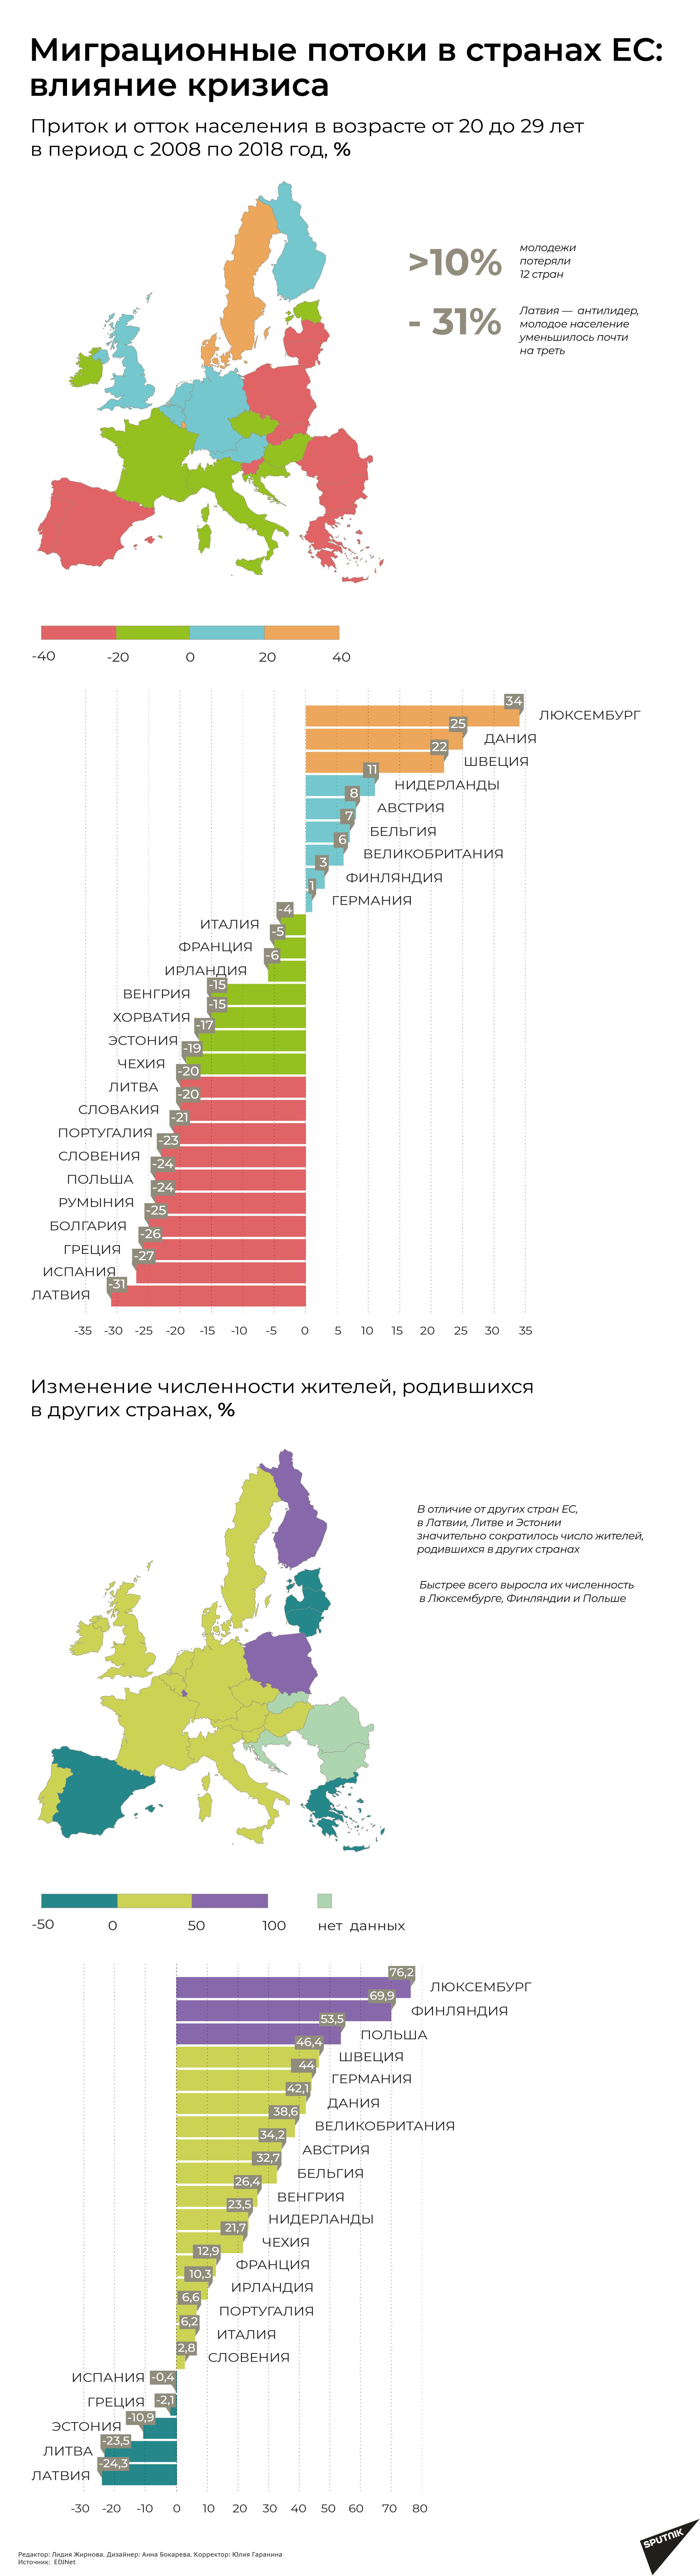 Миграция в Европе: Латвия теряет молодежь - Sputnik Латвия